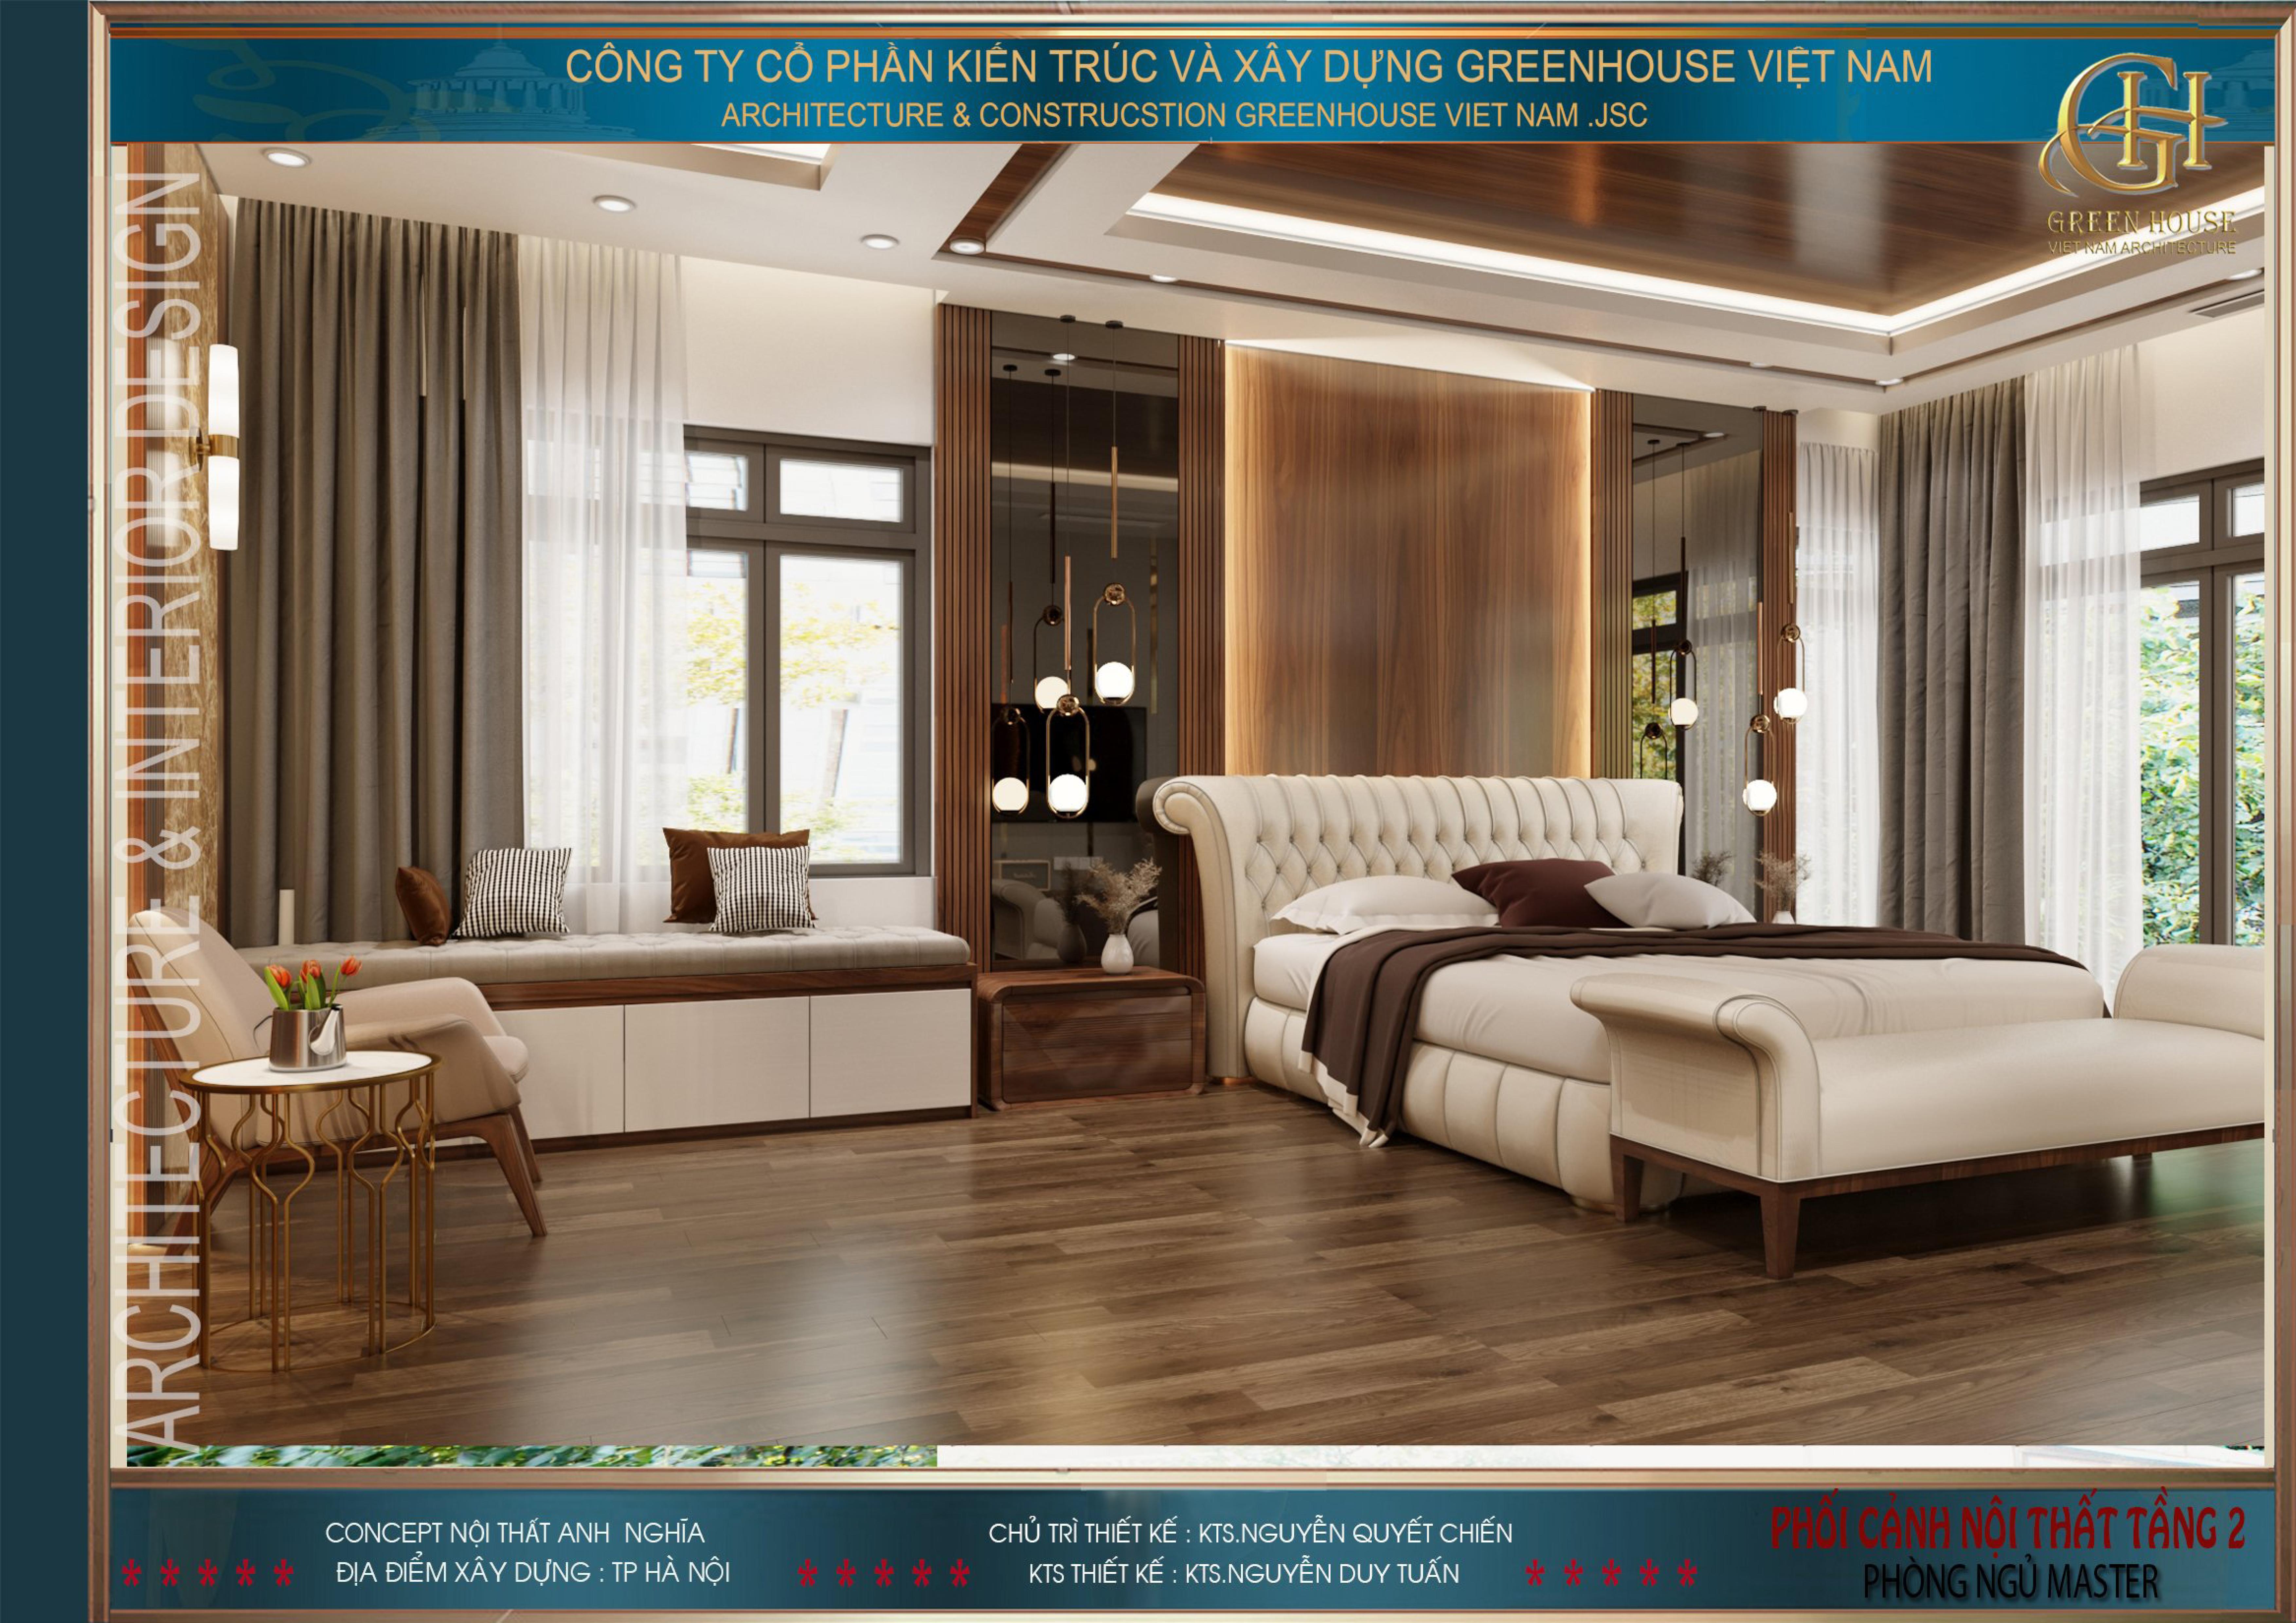 Phòng ngủ master trong mẫu thiết kế nội thất biệt thự hiện đại 3 tầng